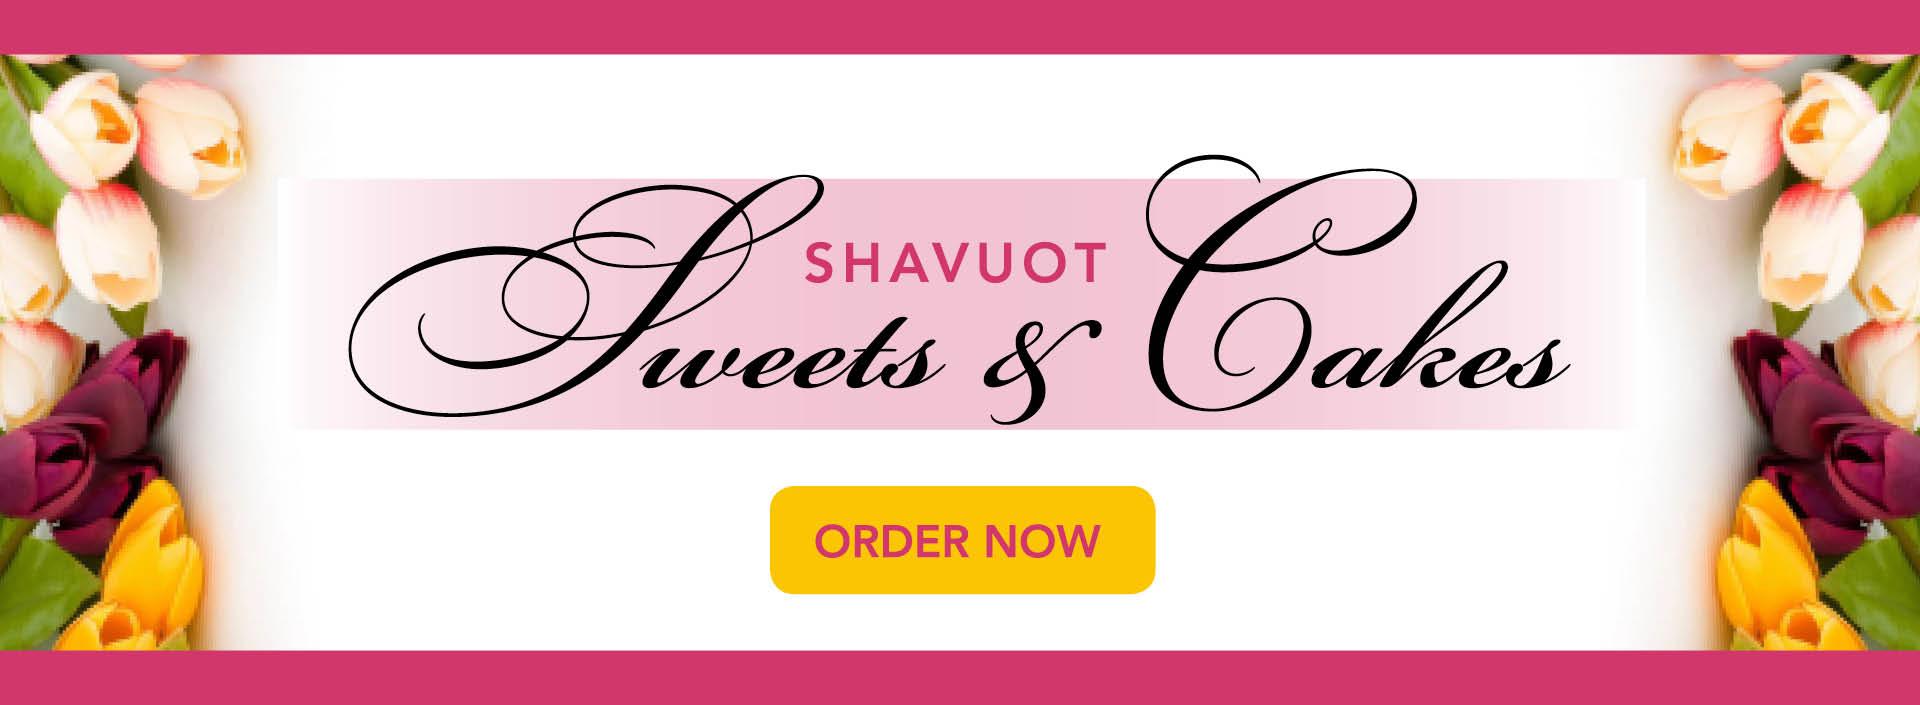 shavuot-sweets-website